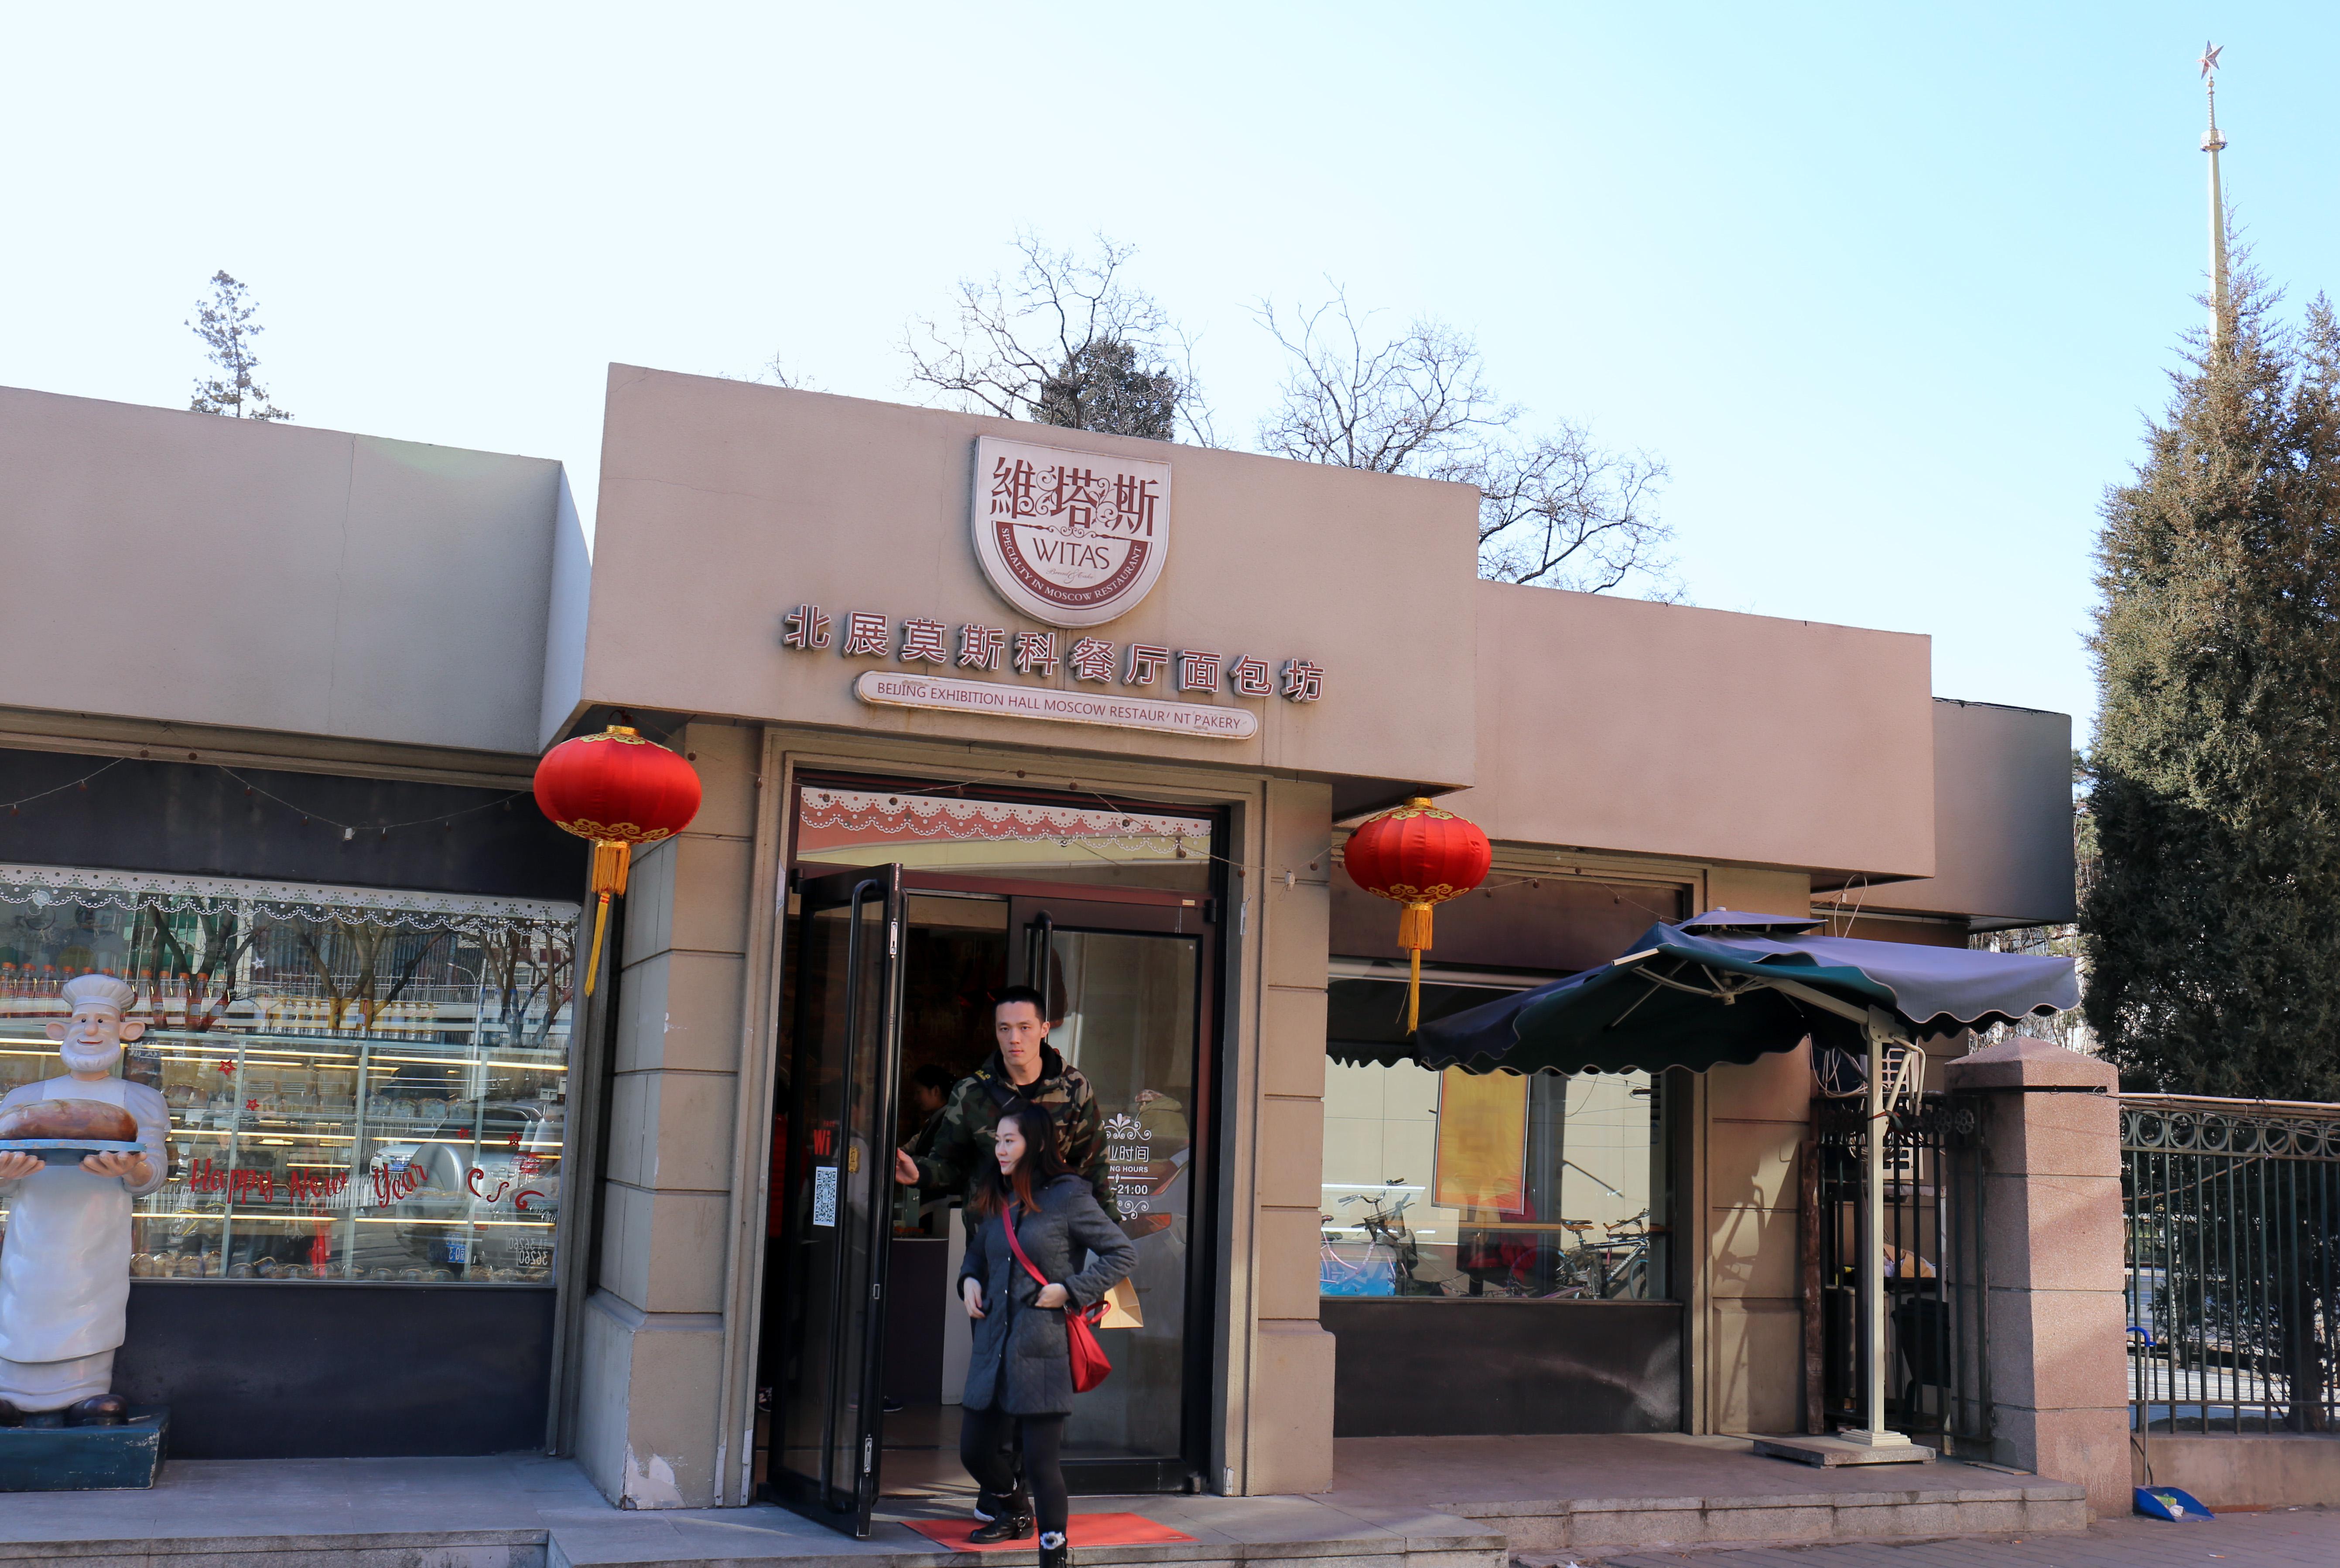 """图为北京展览馆附近""""维塔斯""""面包坊是一家以俄罗斯美食为特色的食品店。(新华社记者耿锐斌摄)"""